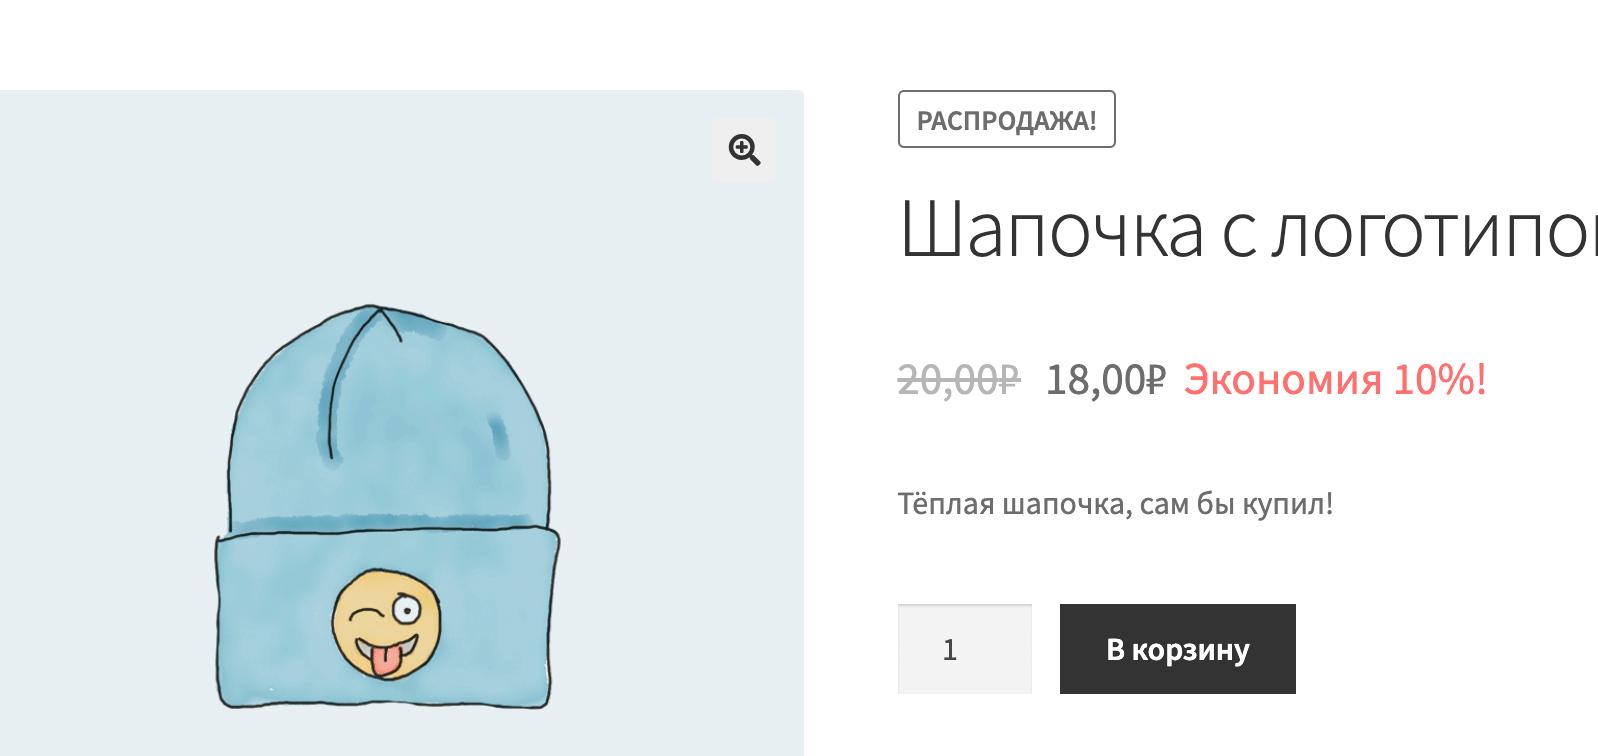 сэкономленная сумма в процентах при покупке товара в интернет-магазине на WooCommerce